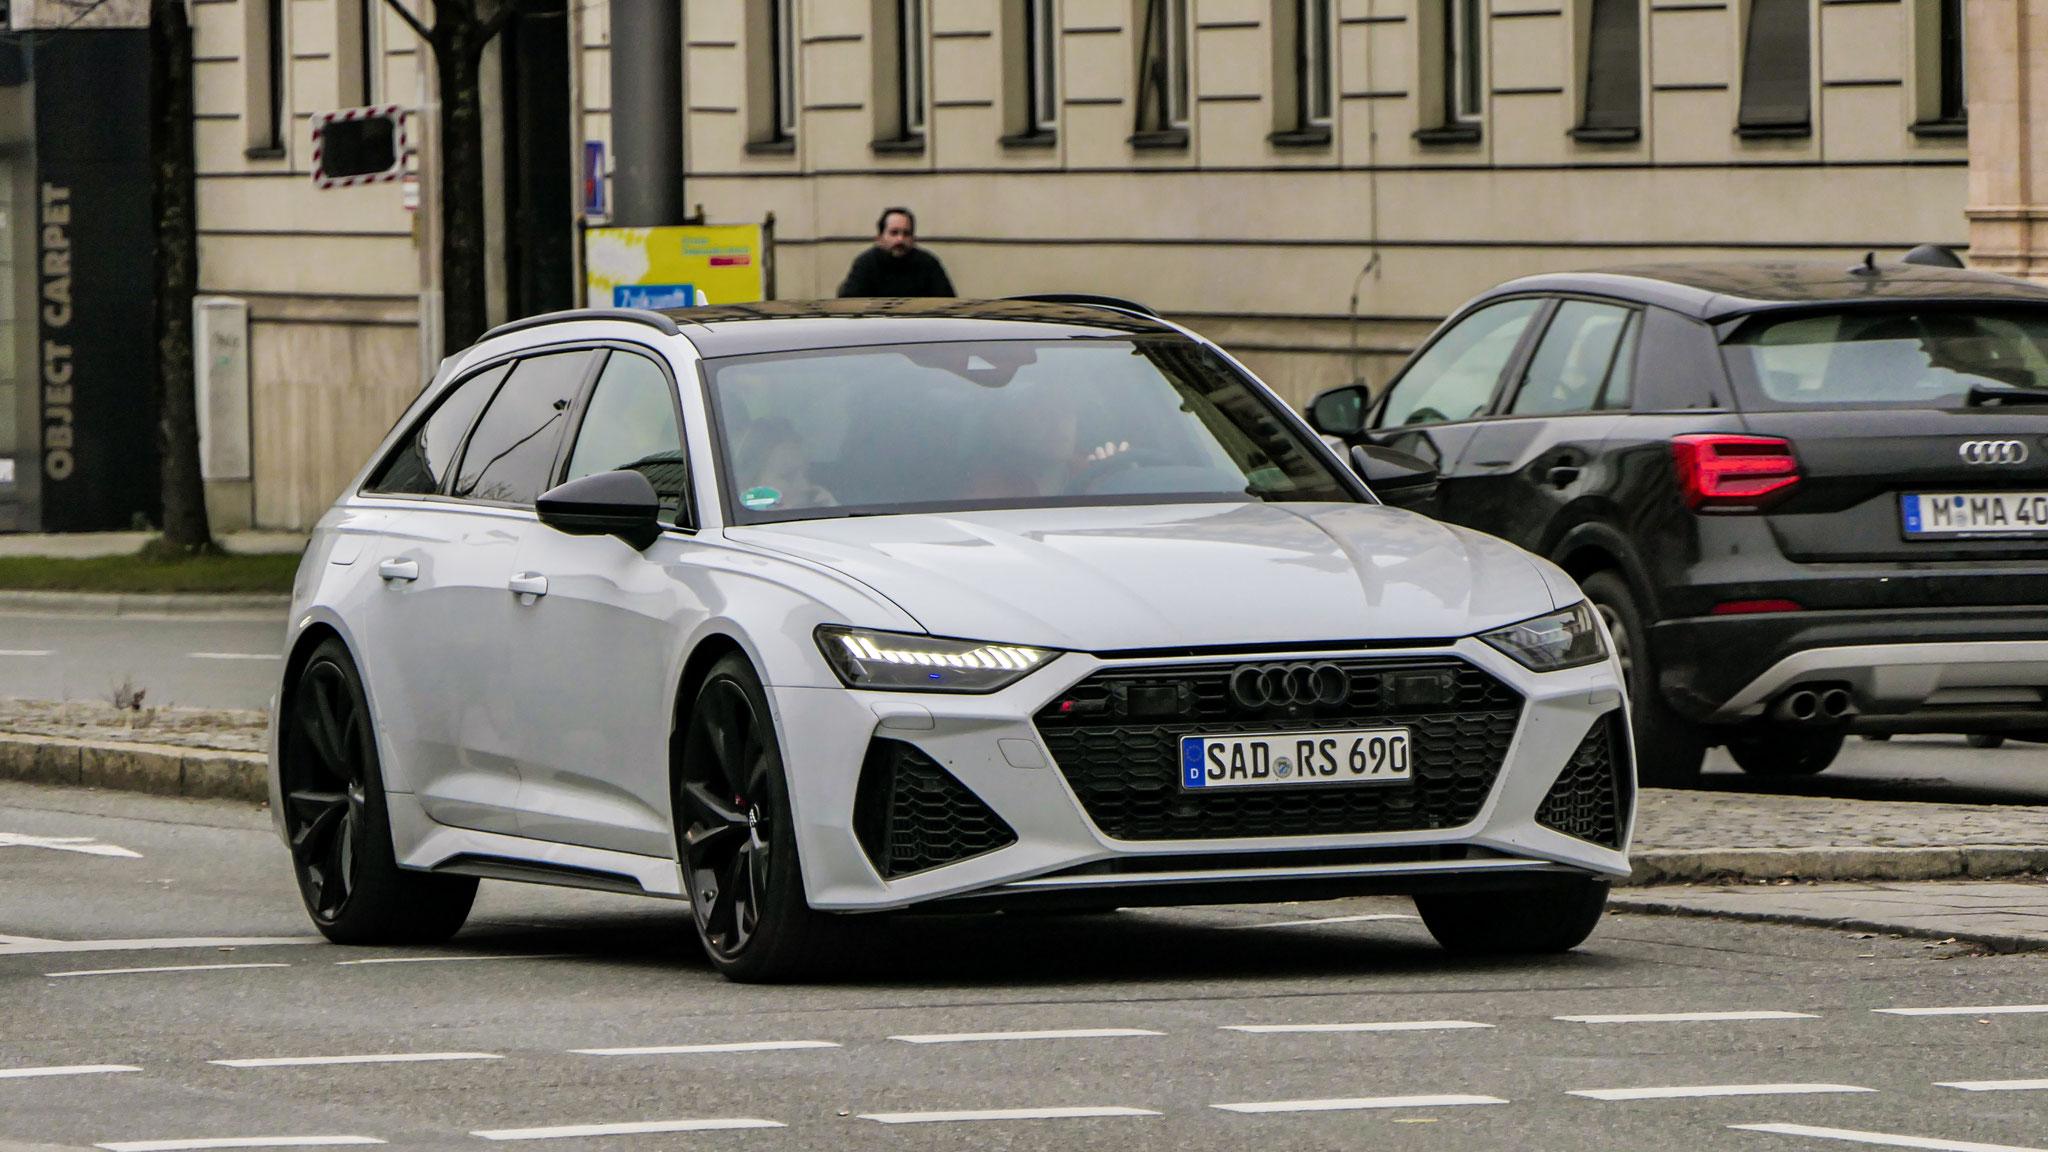 Audi RS6 - SAD-RS-690